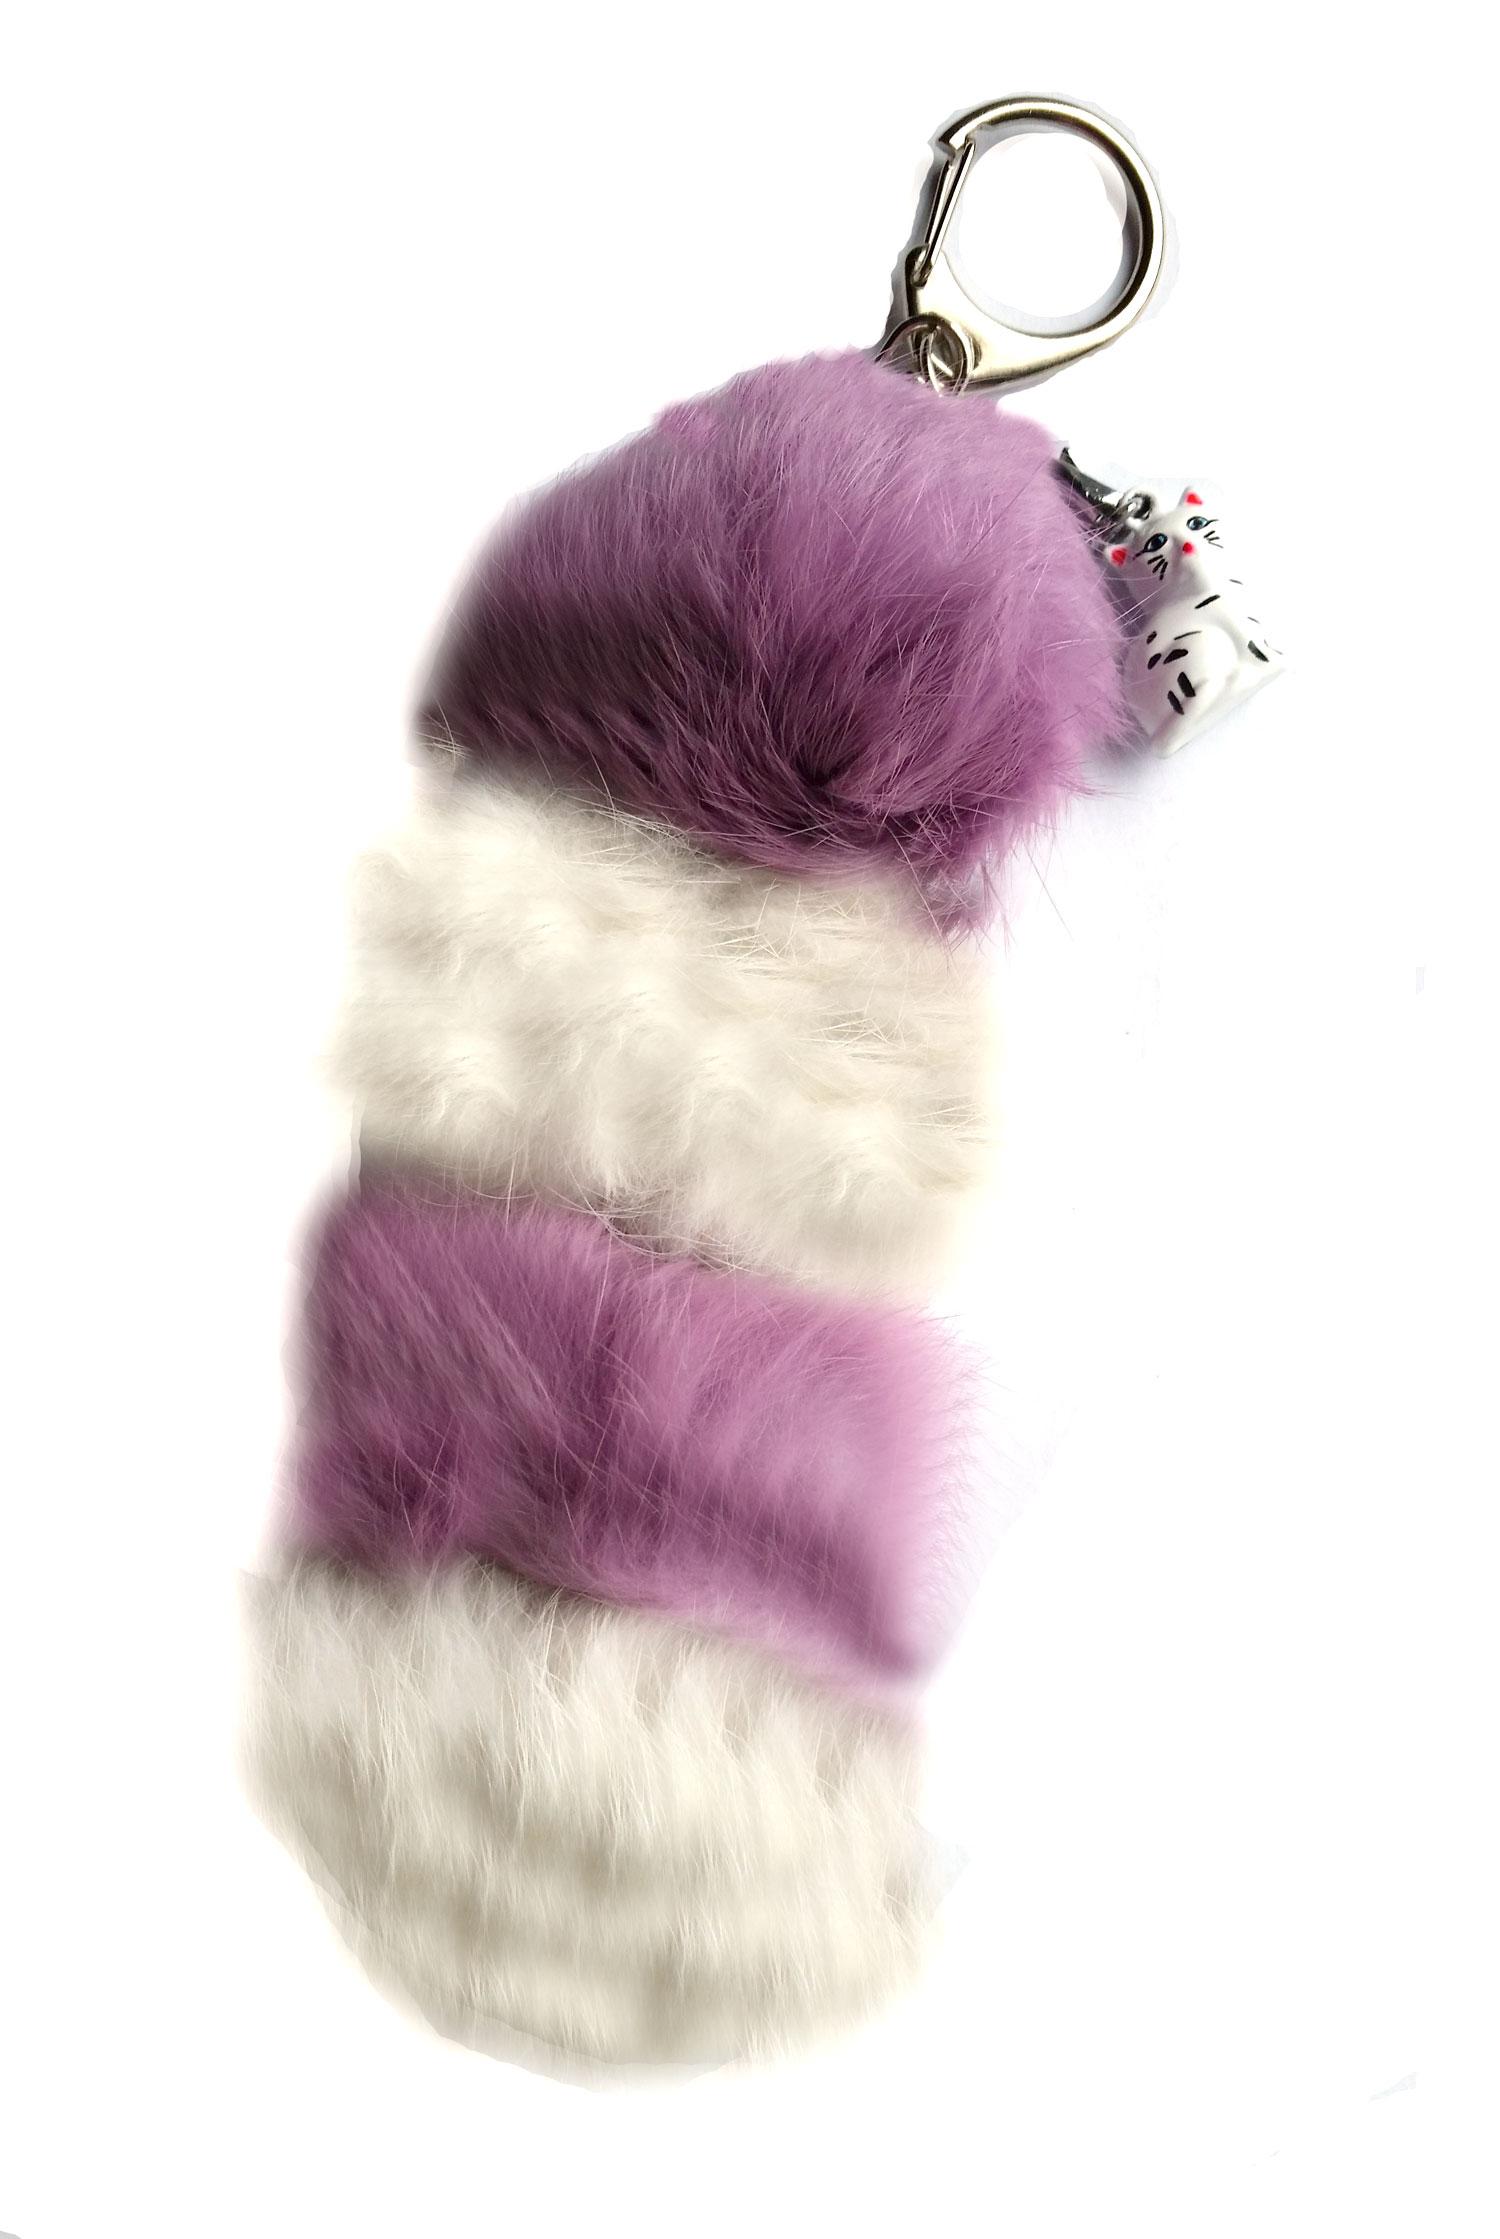 purplewhitekeychainbell.jpg